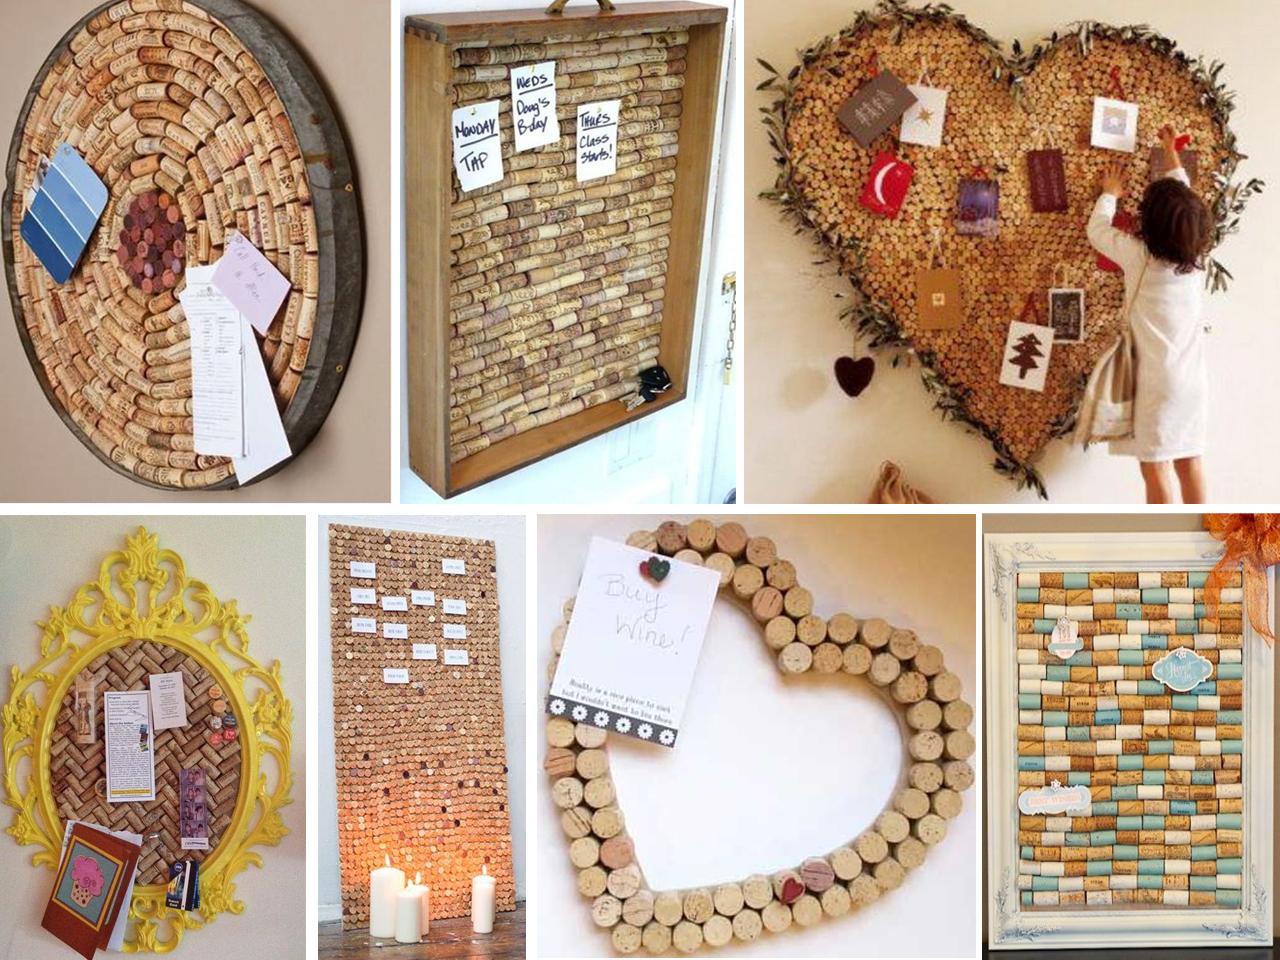 10 ideas de decoraci n con corchos que te sorprender n - Corcho para fotos ...